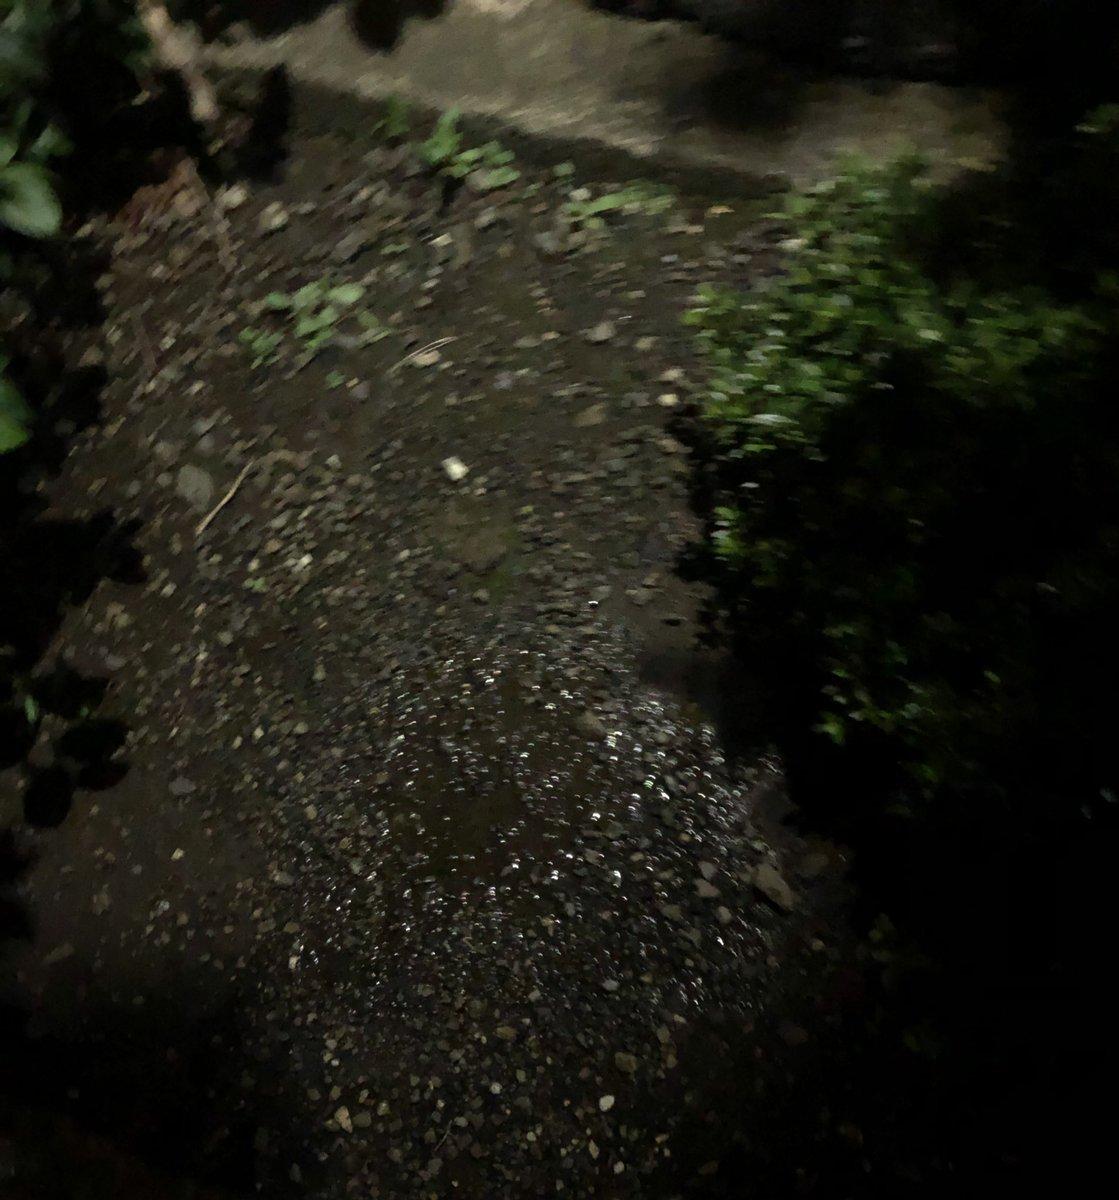 雨降ってなかったから久しぶりにおしっこ! 街灯に少しだけ照らされてたからドキドキしちゃった フラッシュで撮ったらわかりづらかったからフラッシュじゃないバージョンも撮ってみました  #おしっこ #野ション https://t.co/Ct0fEC6plg